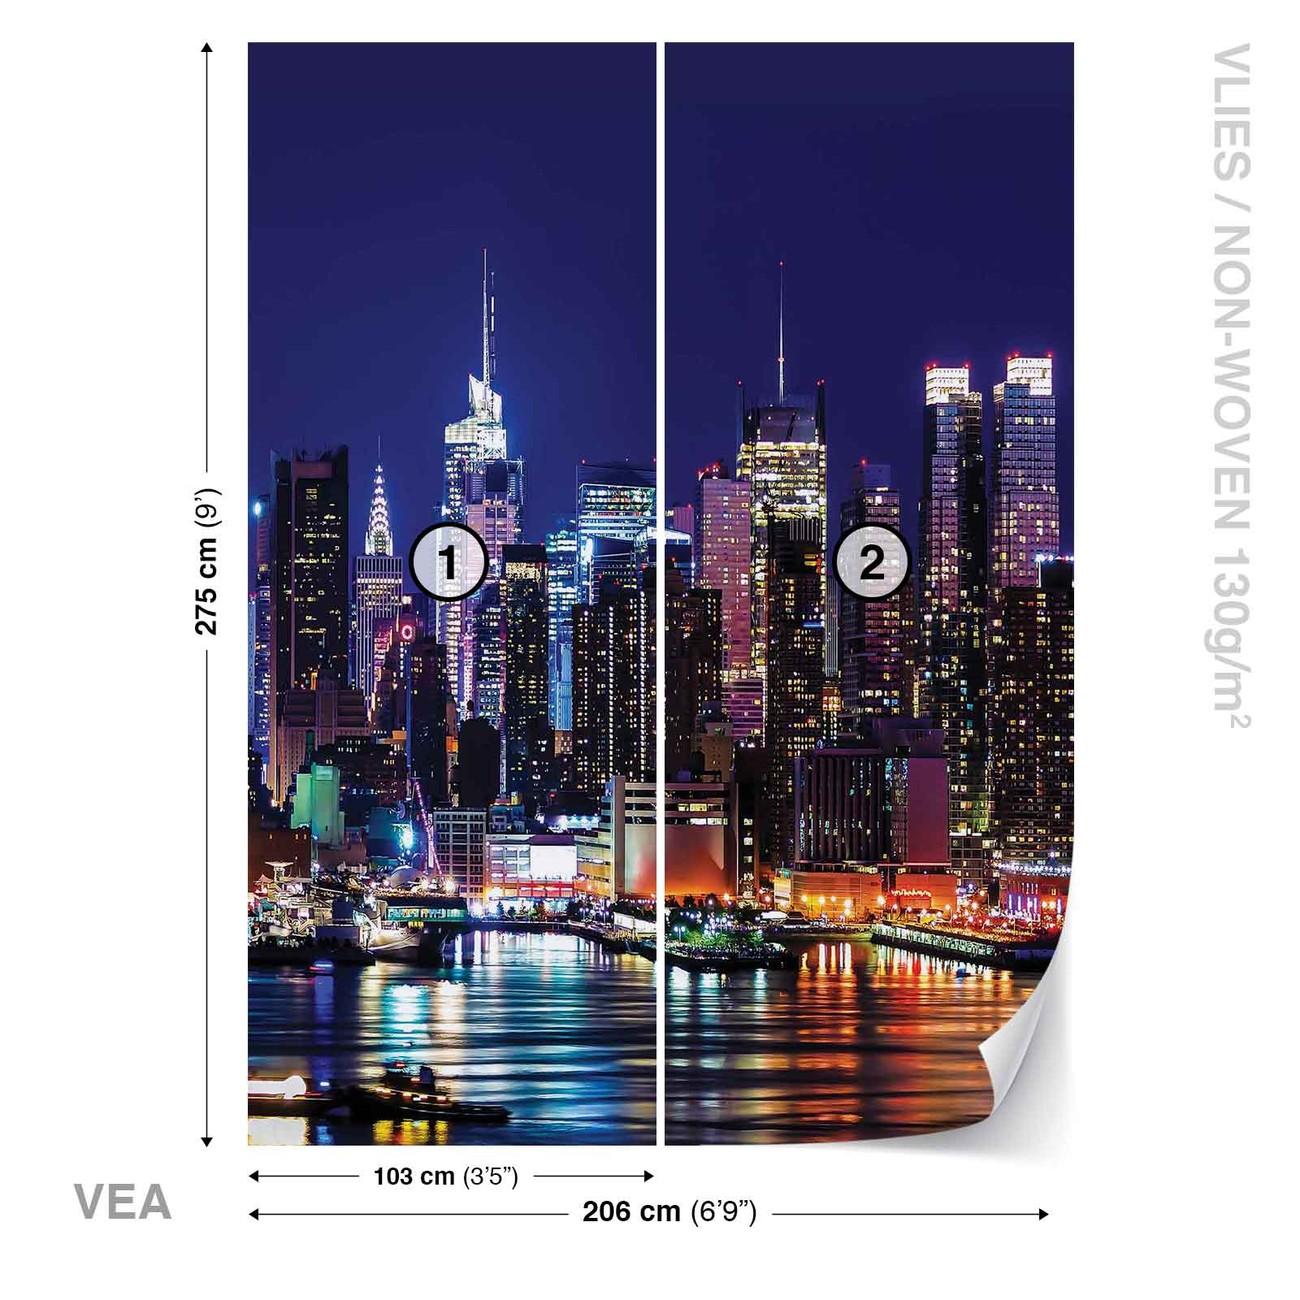 La ville de new york poster mural papier peint acheter for Acheter poster mural new york